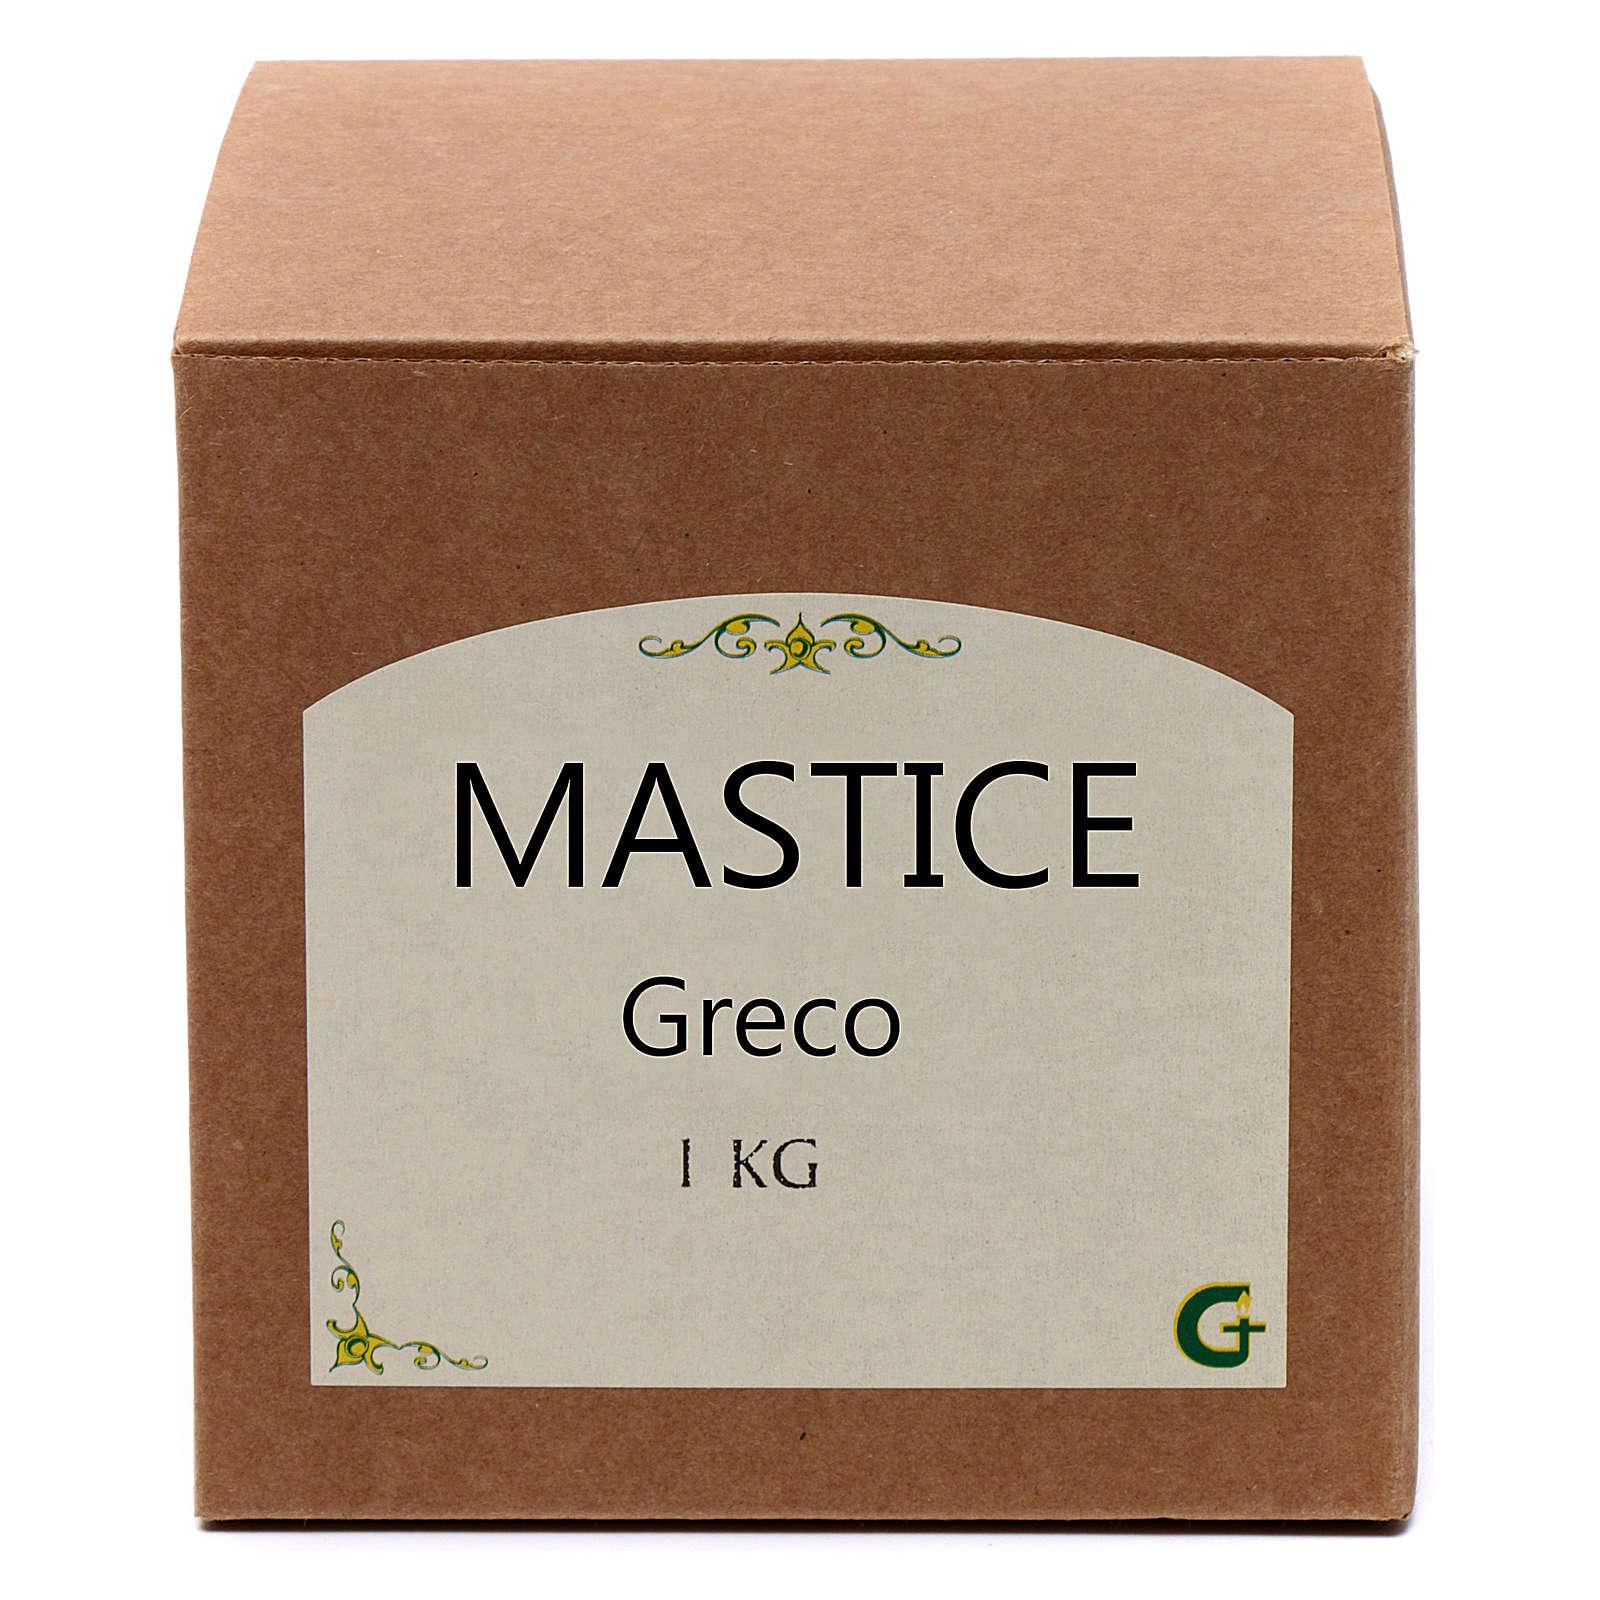 Mastice Greco 3